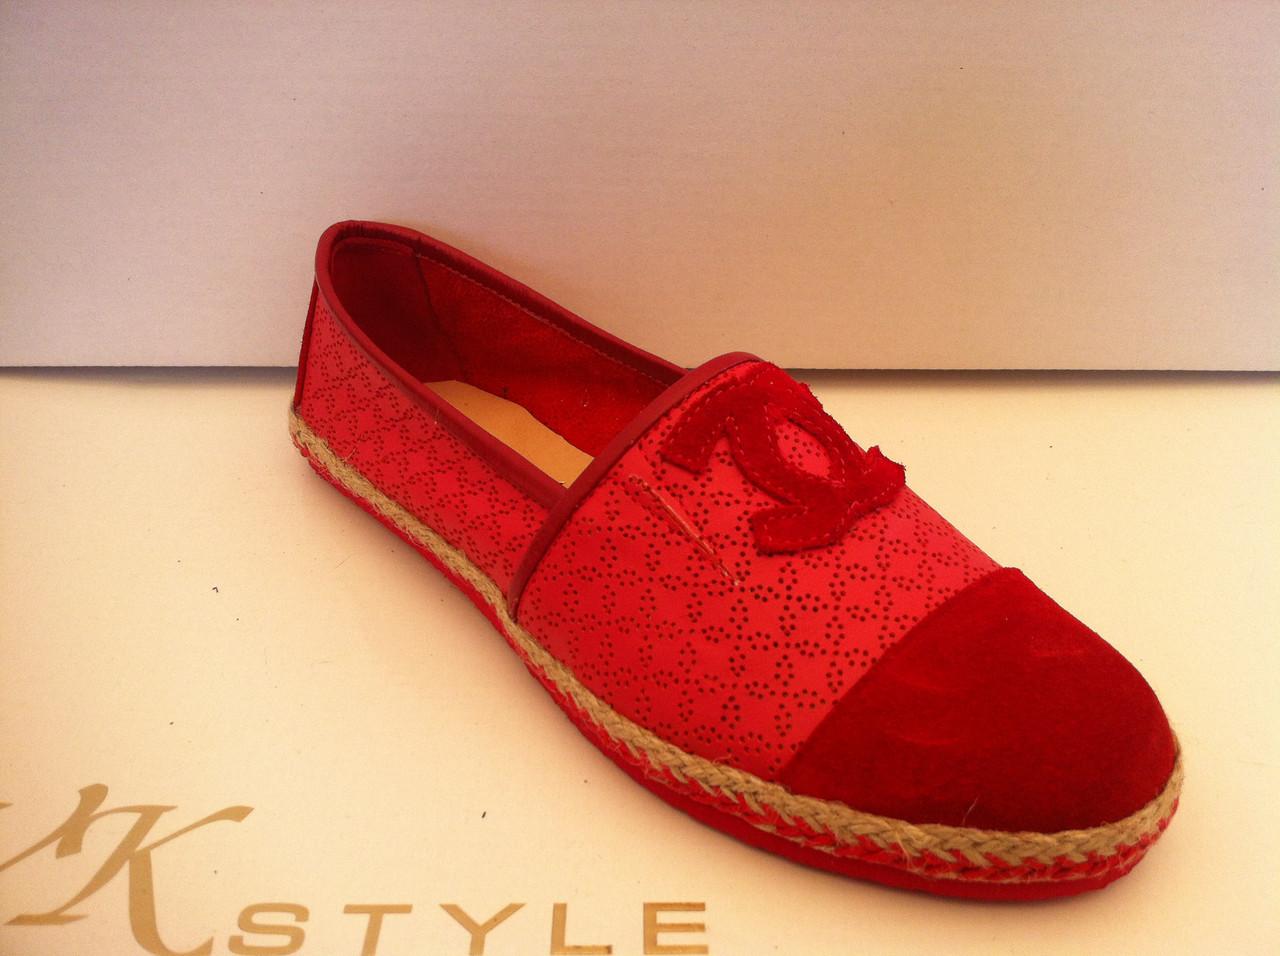 4ad256bb7852 Красные женские эспадрильи Chanel кожа замша  продажа, цена в ...